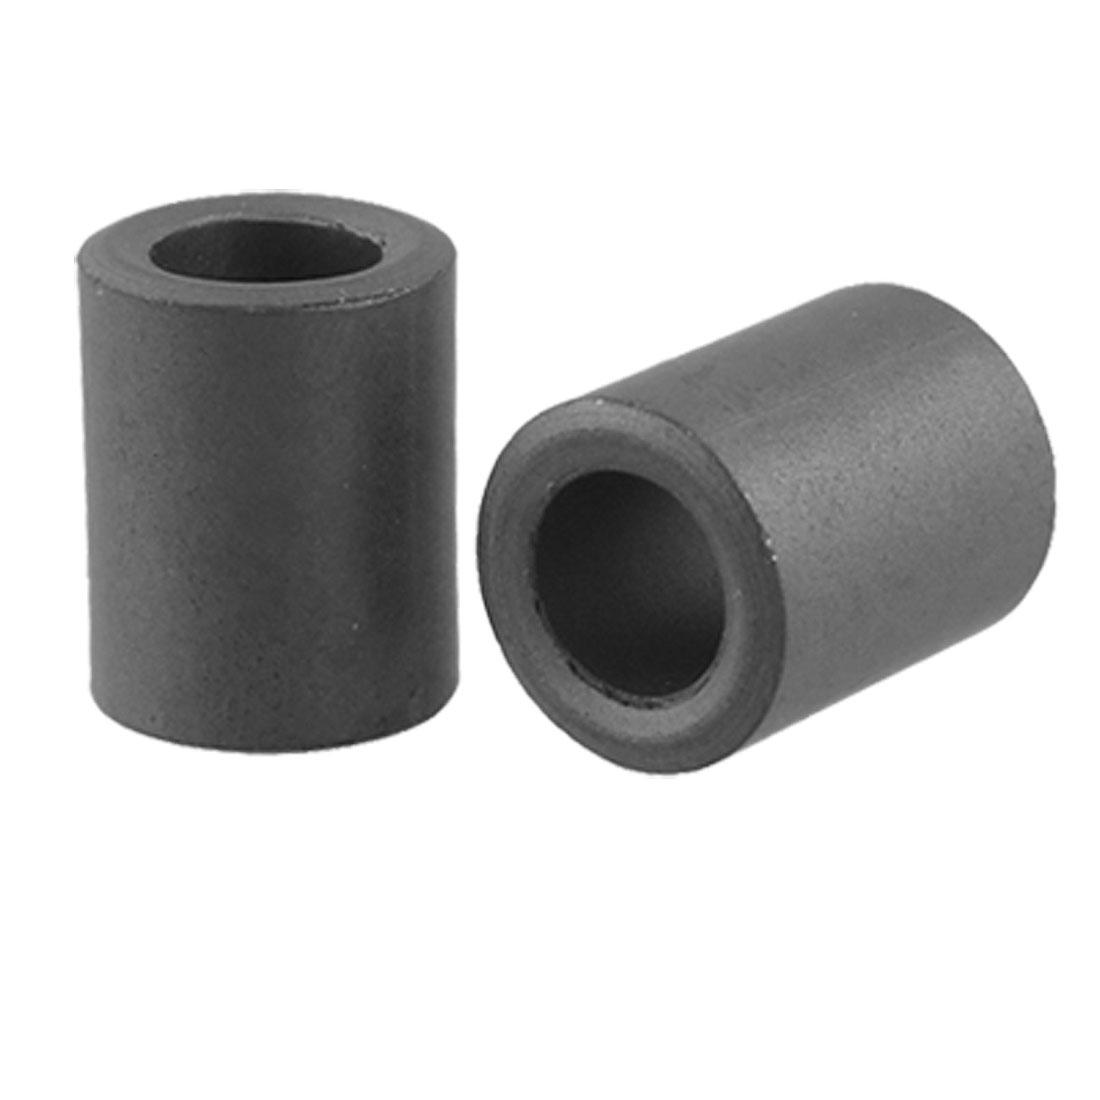 Filters Coils 12 x 15 x 7mm Ferrite Toroid Cores 6 Pcs